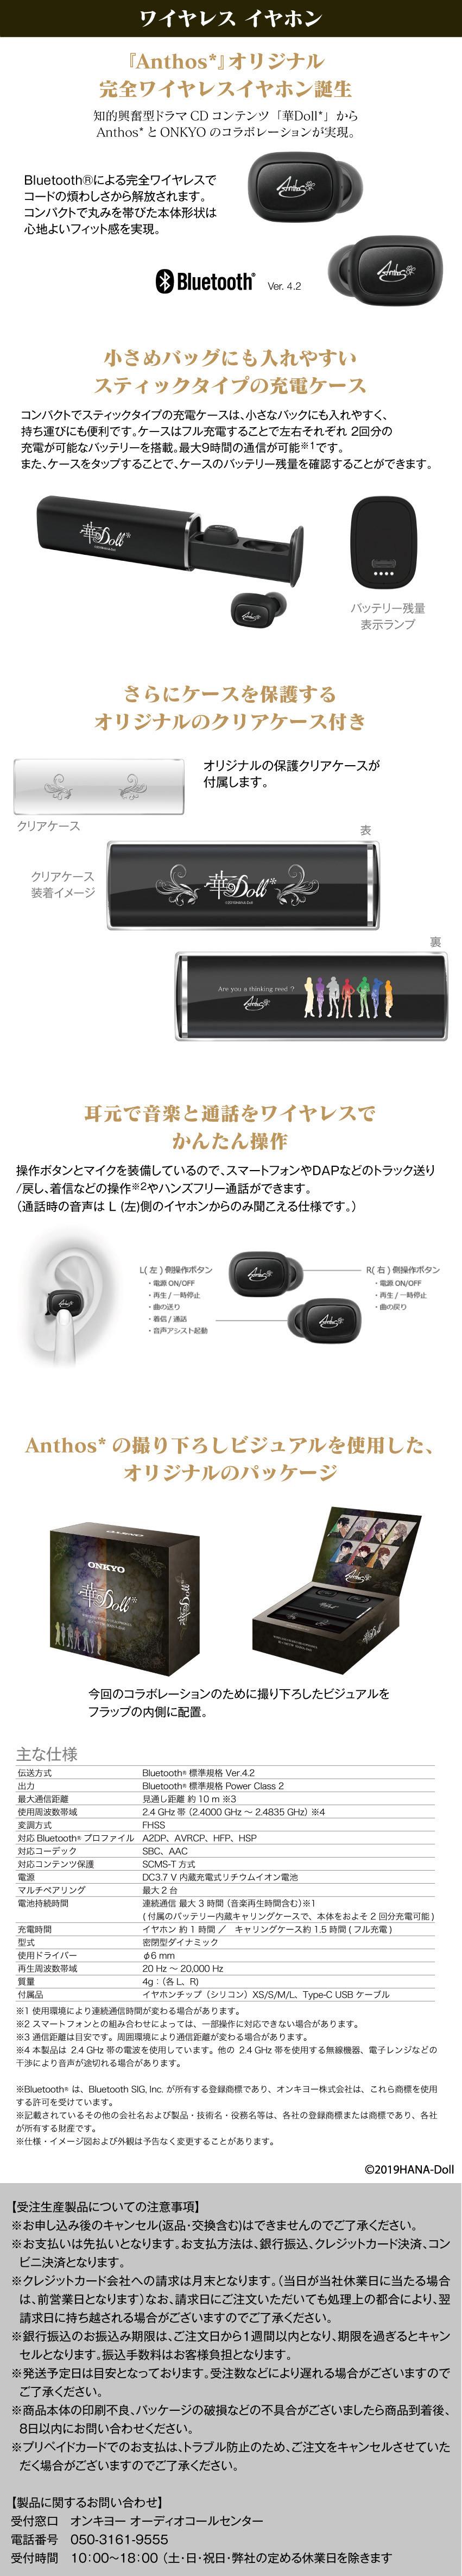 HANA_od_02_earphones.jpg